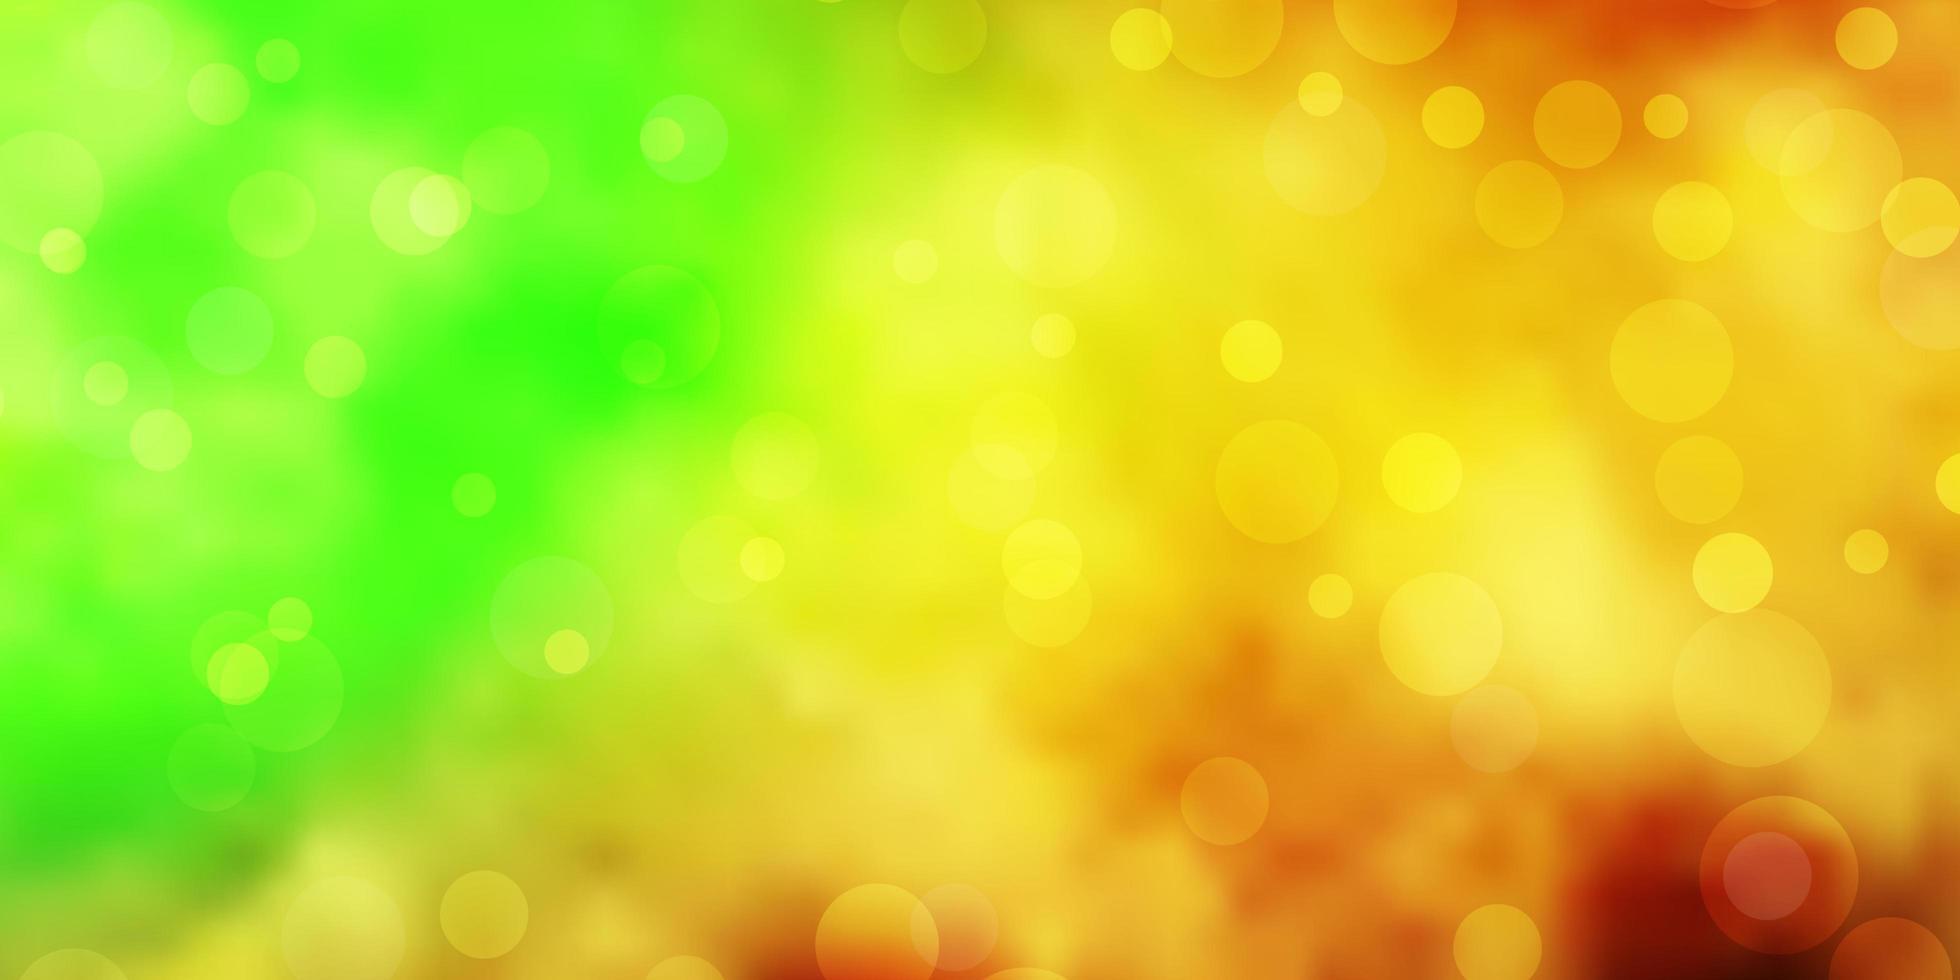 trama vettoriale verde chiaro, giallo con dischi.